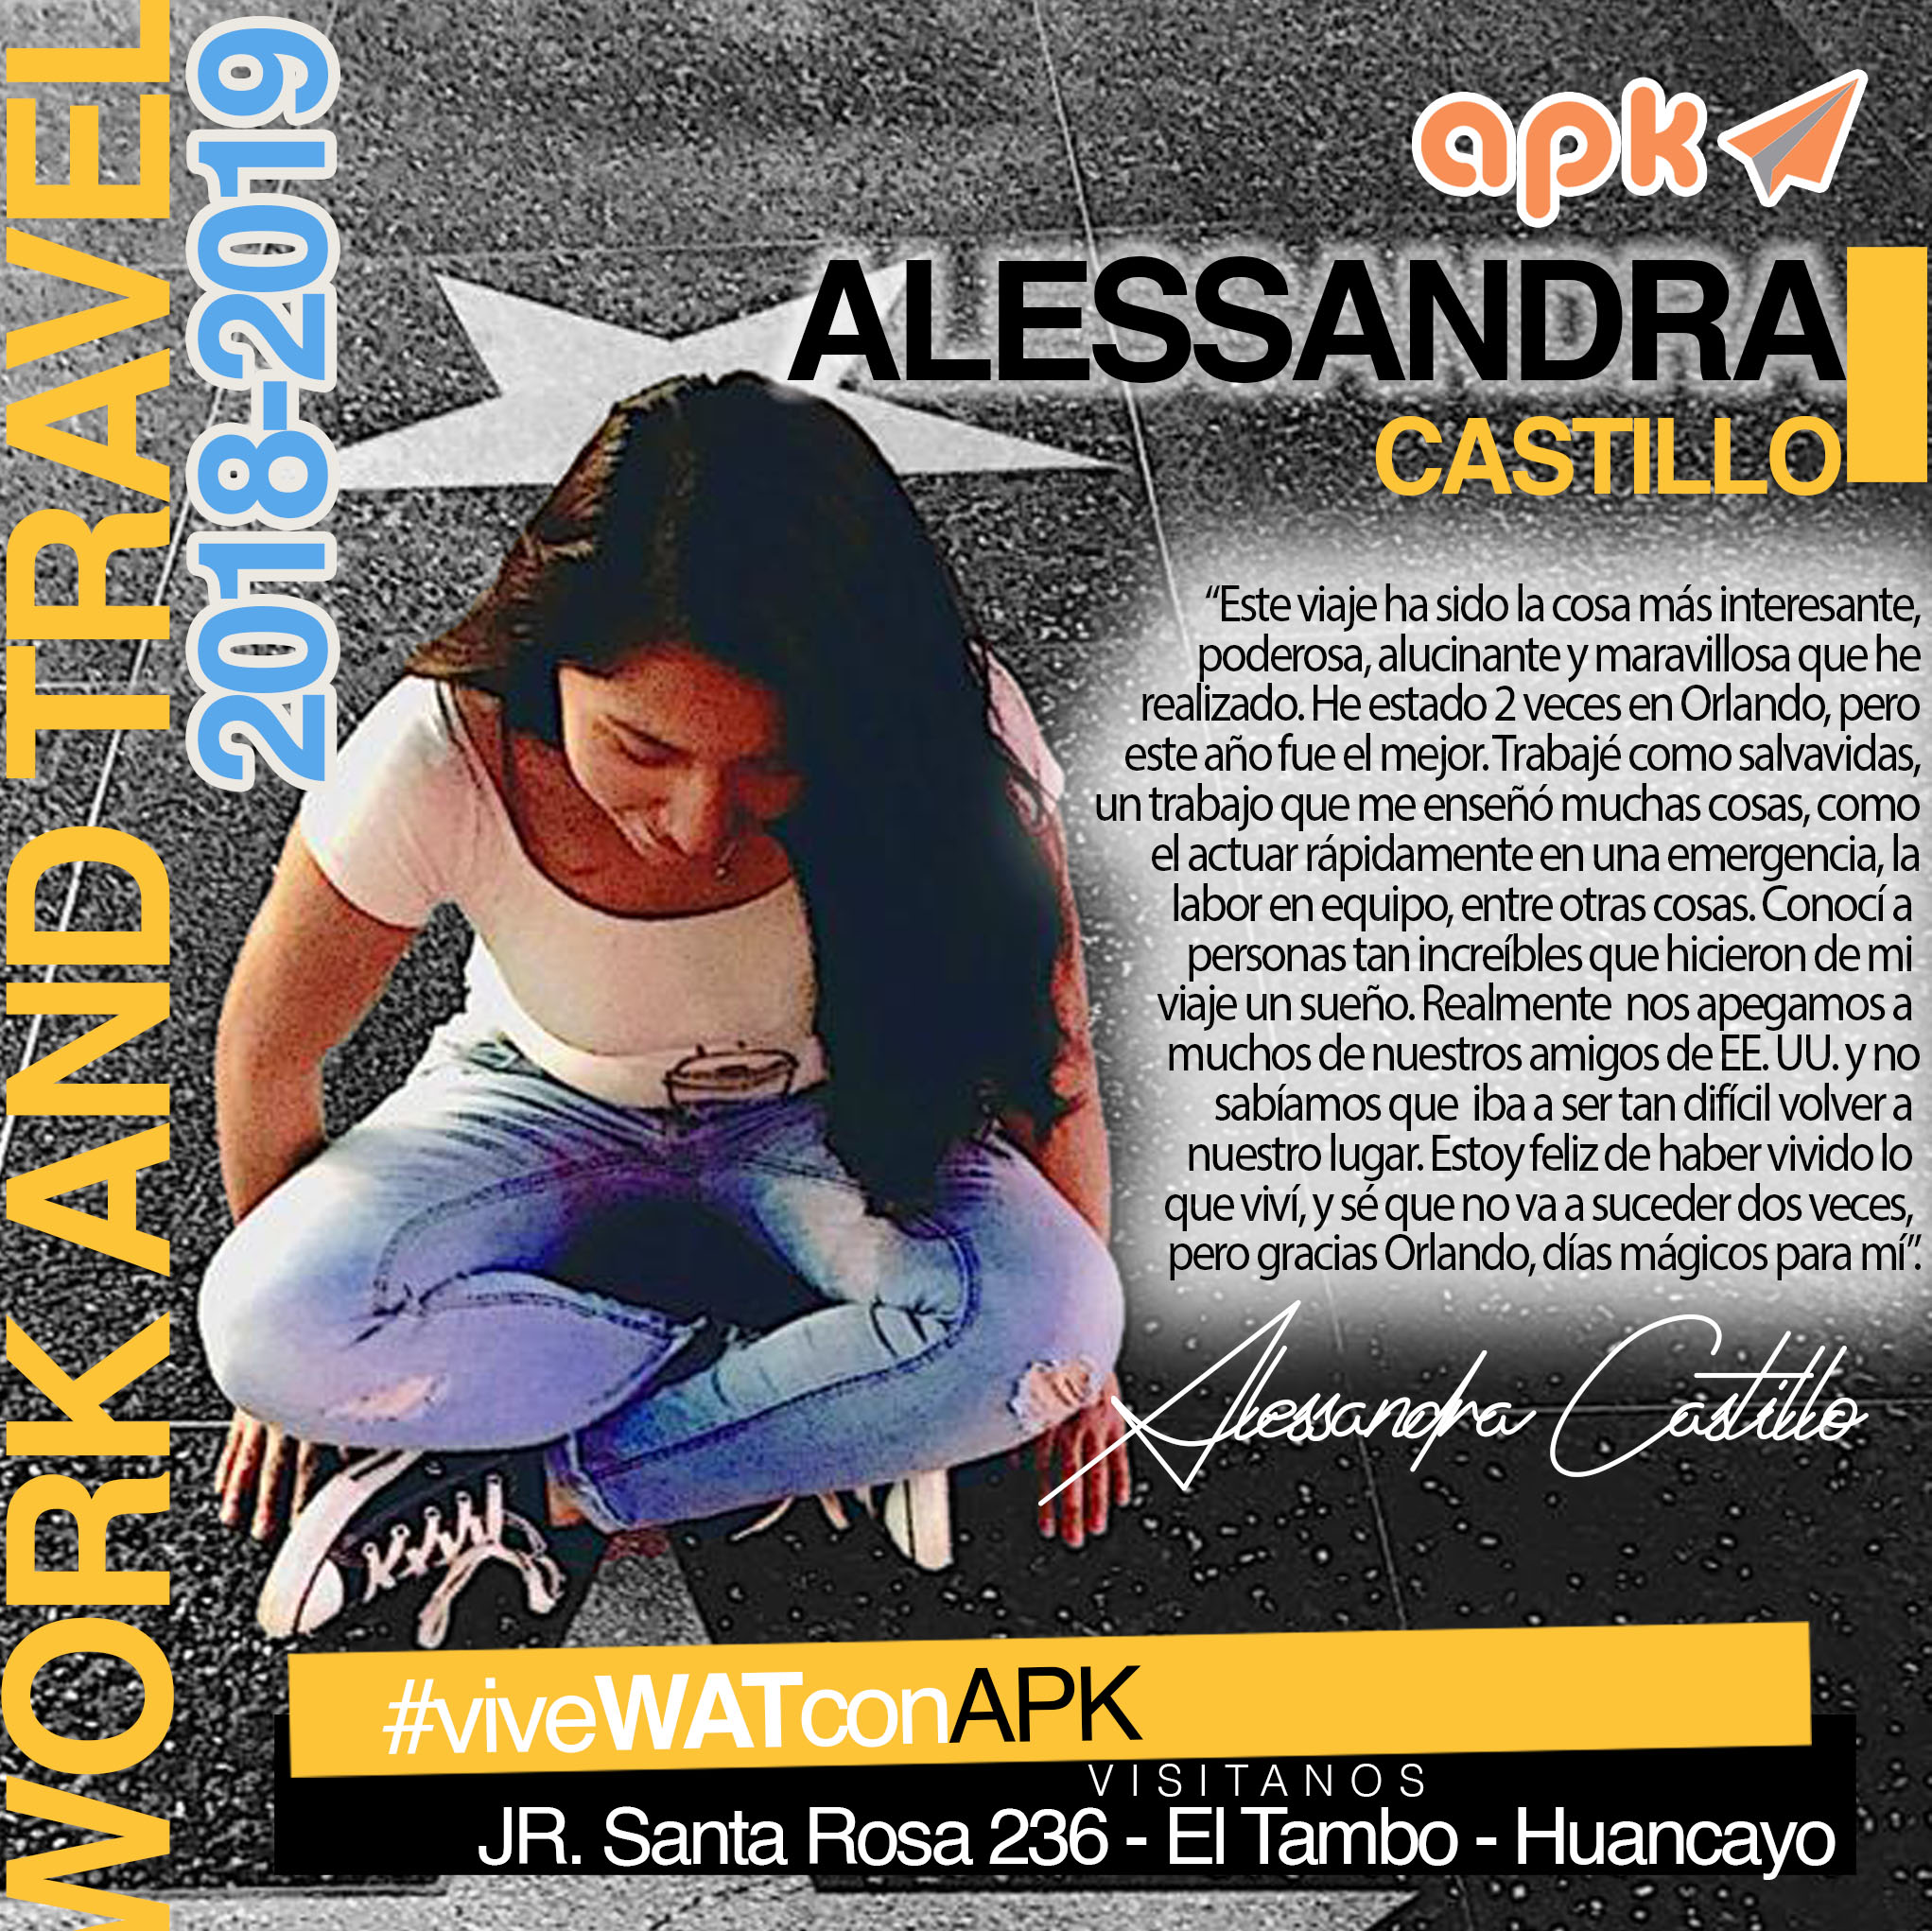 Alessandra Castillo